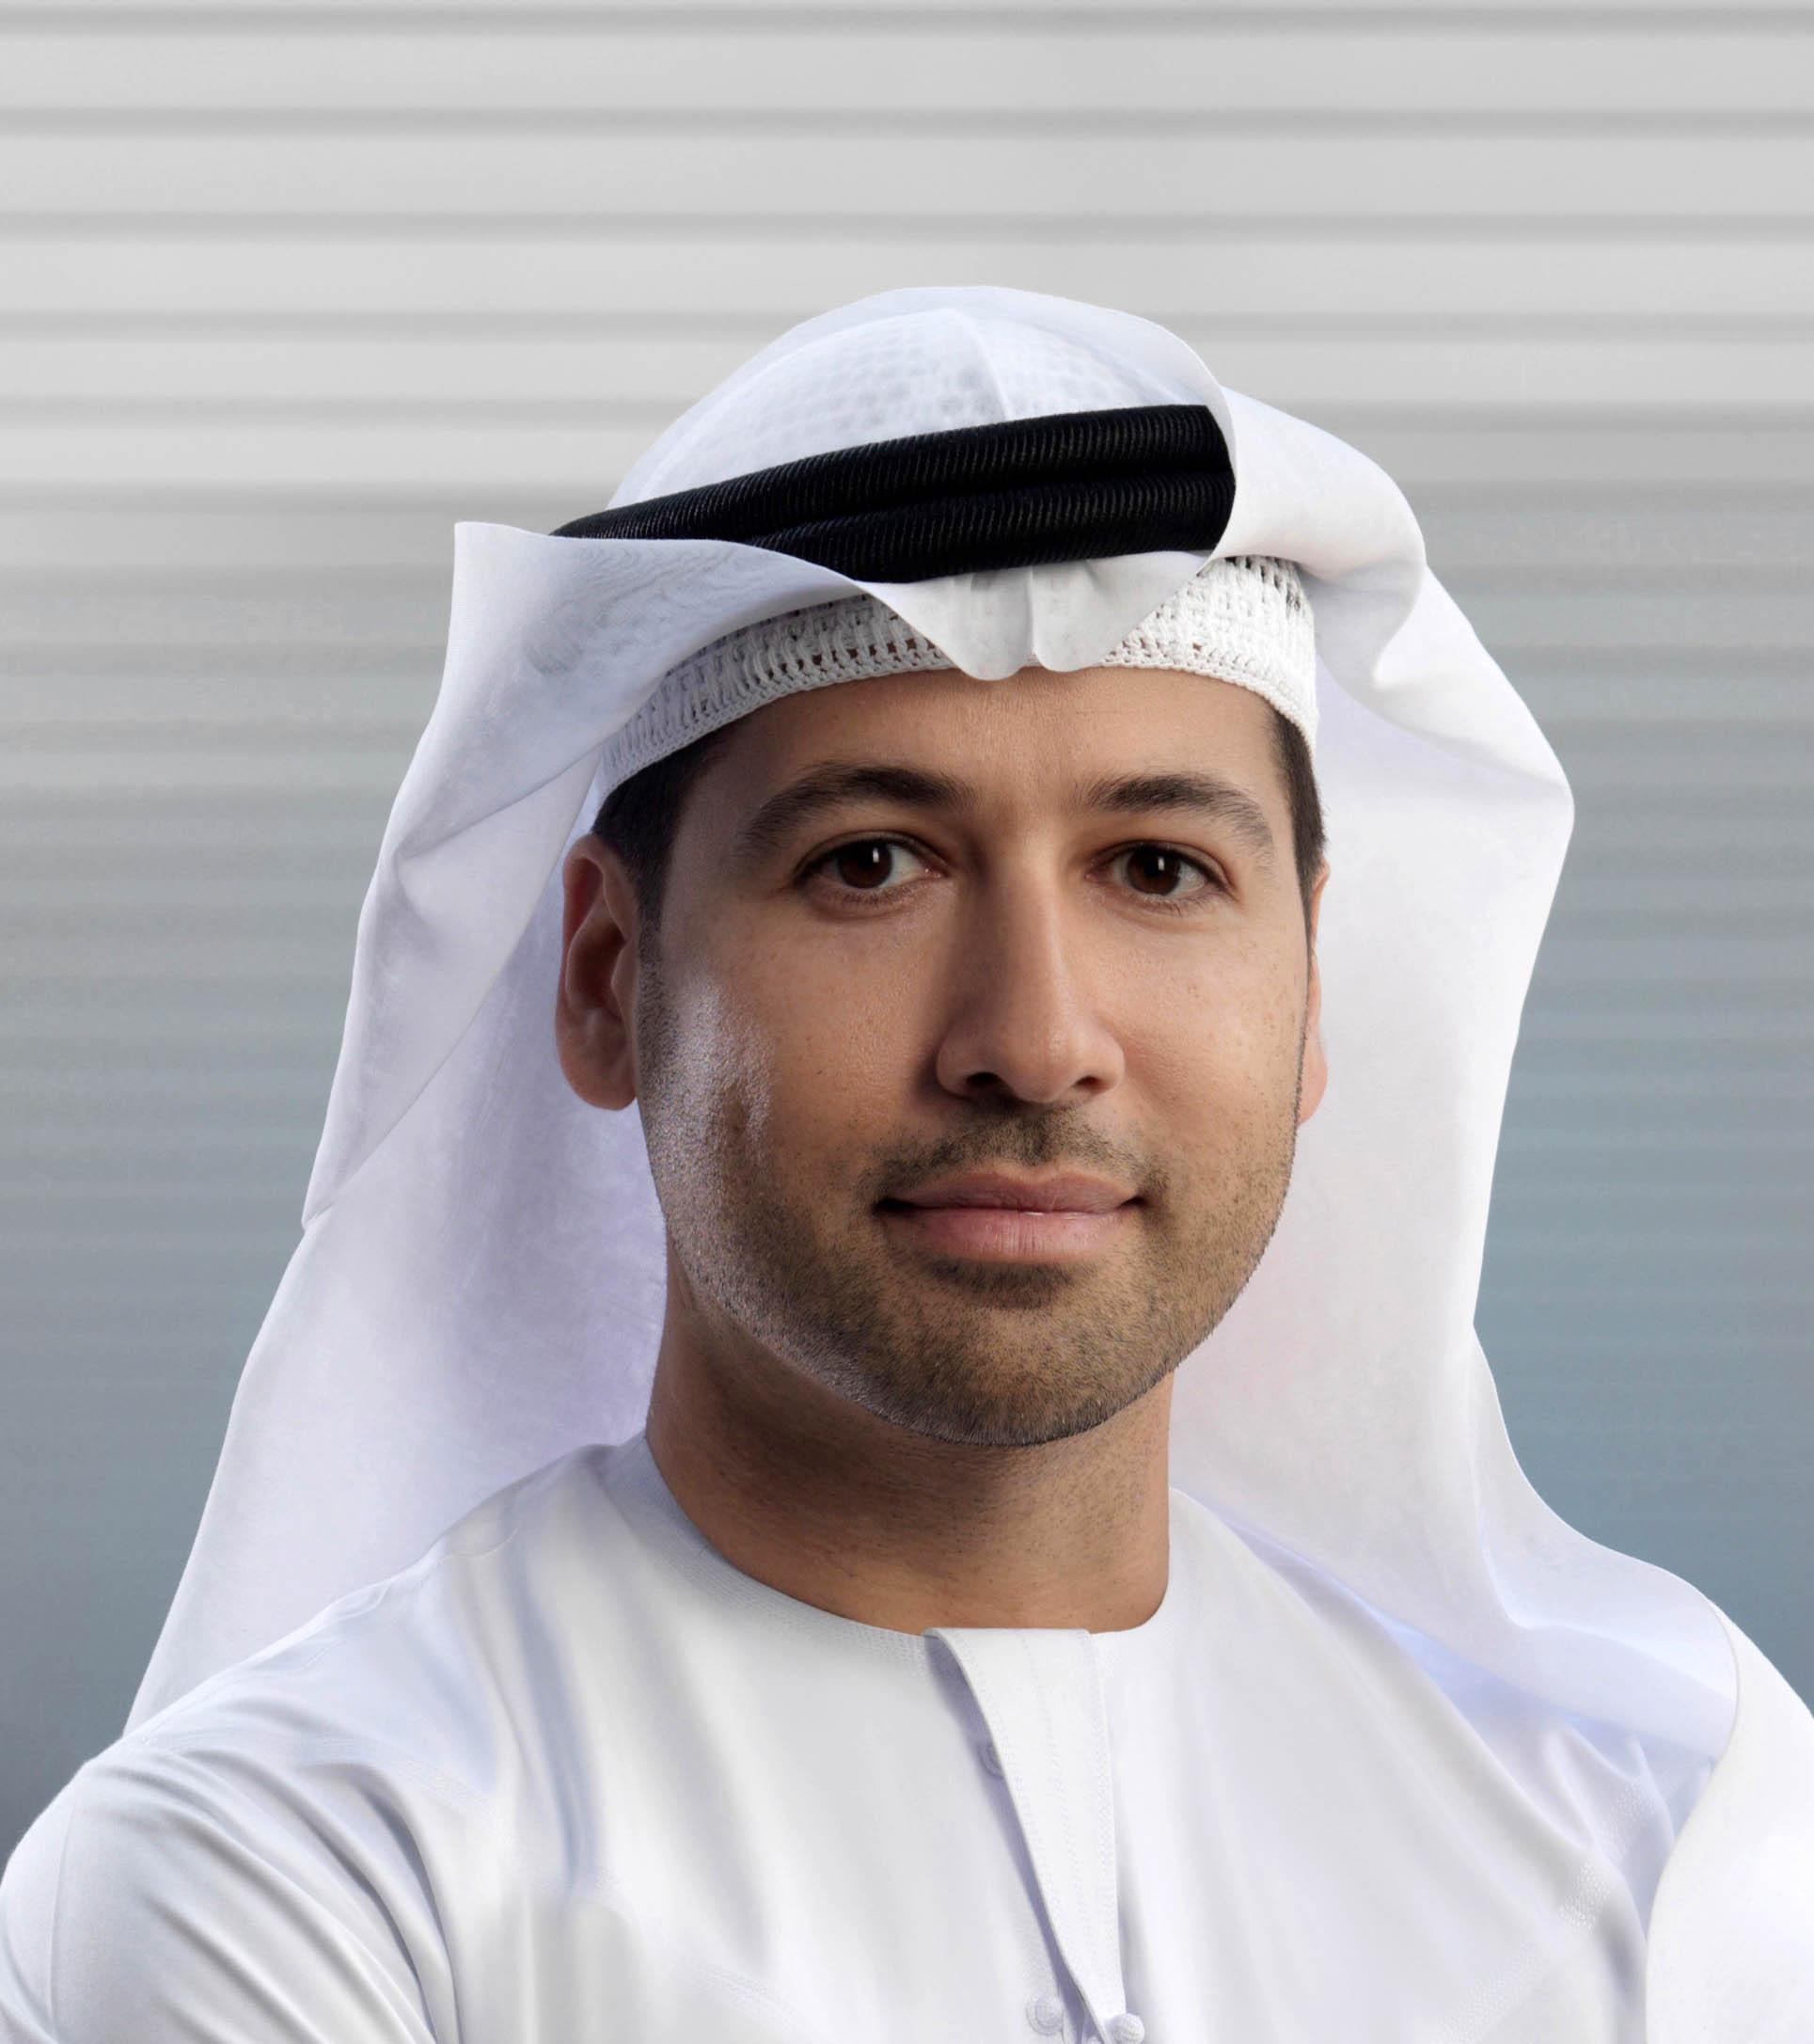 """مركز دبي المالي العالمي مقرا إقليميا رئيسا لـ"""" ستارت آب بوت كامب"""""""